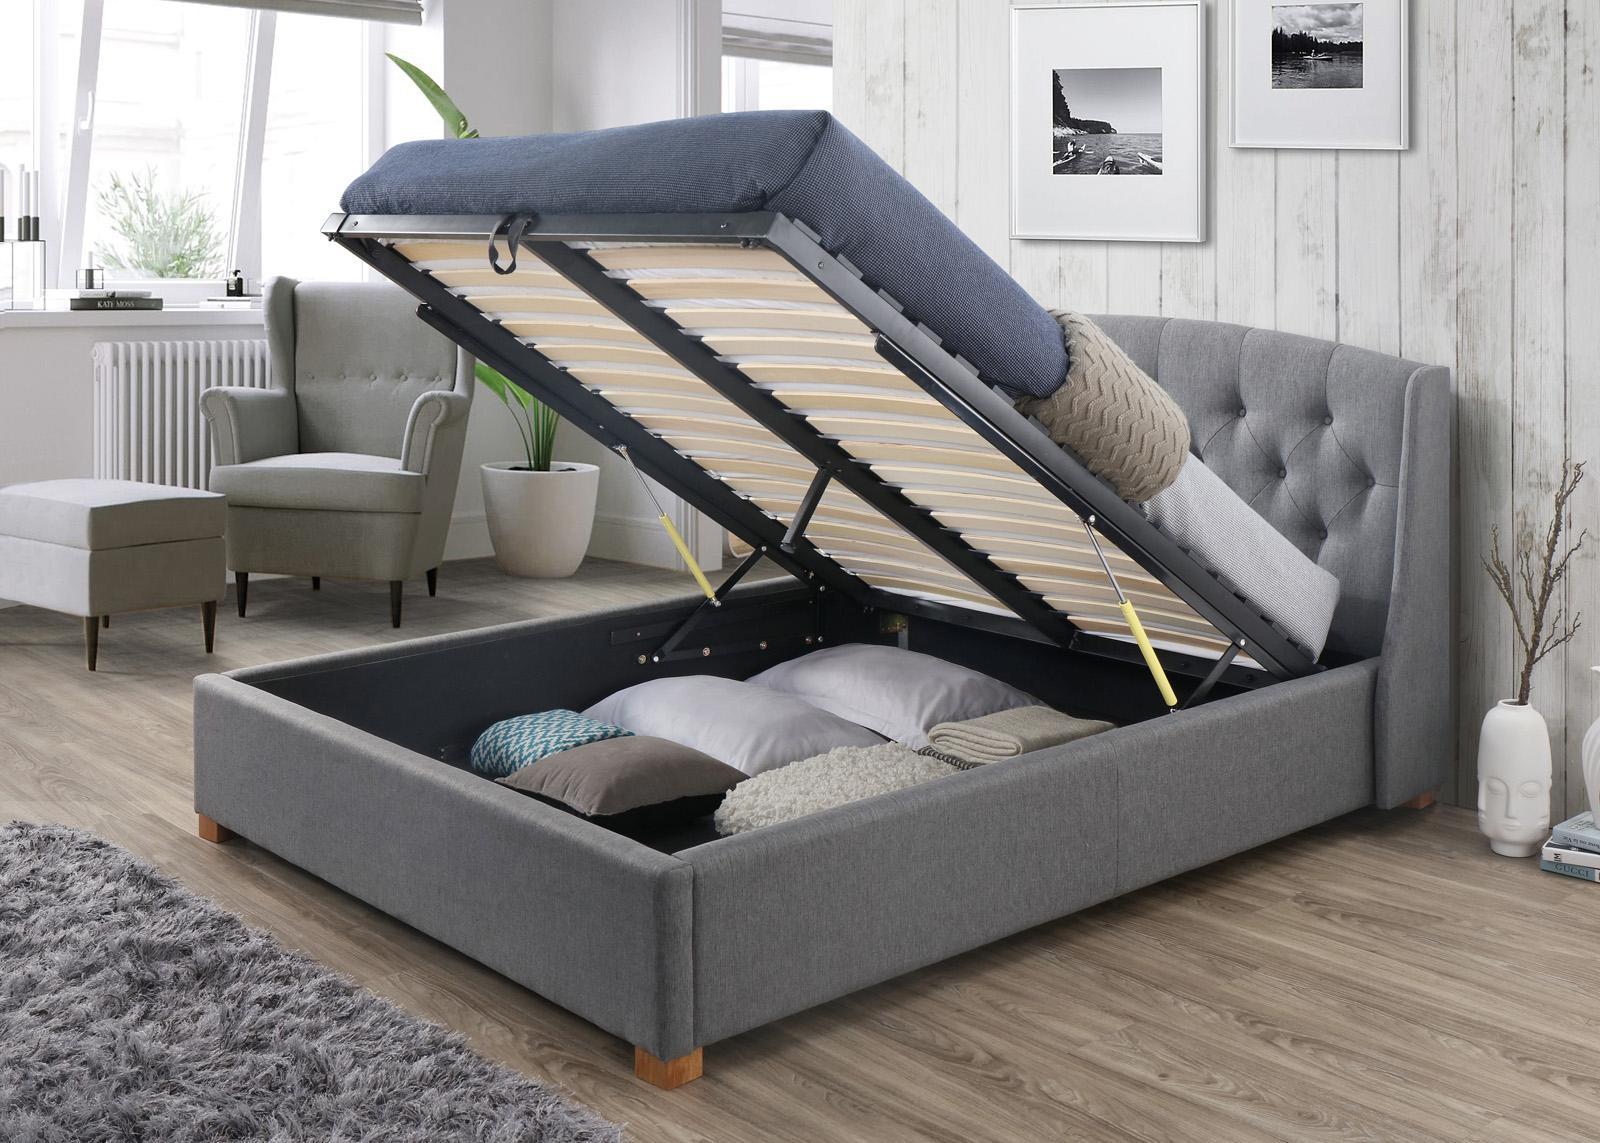 Skrzynia na pościel łóżko 160x200